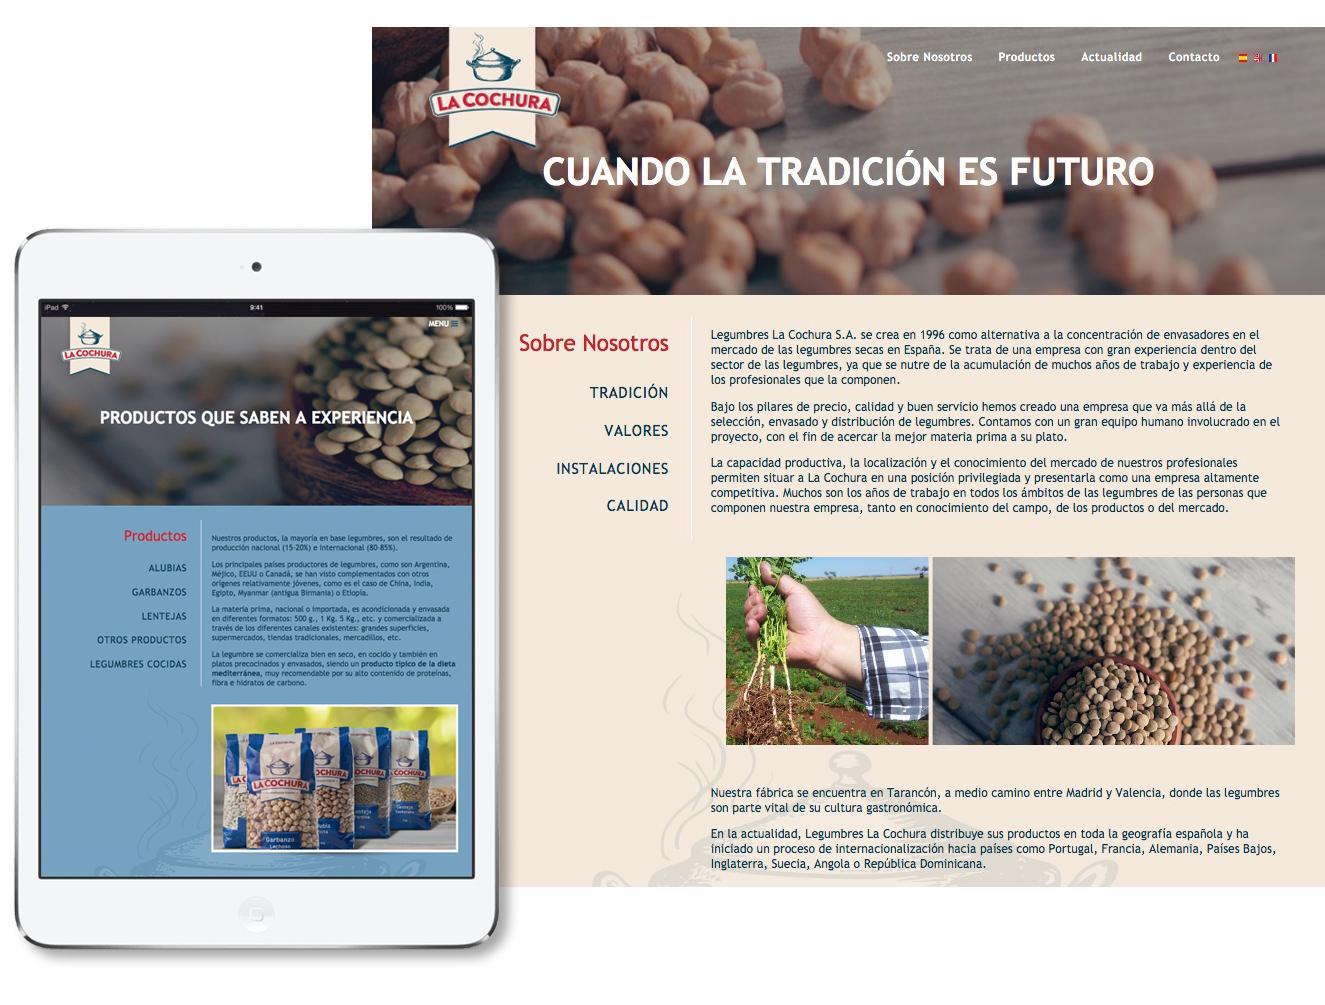 diseño página web responsive para La Cochura